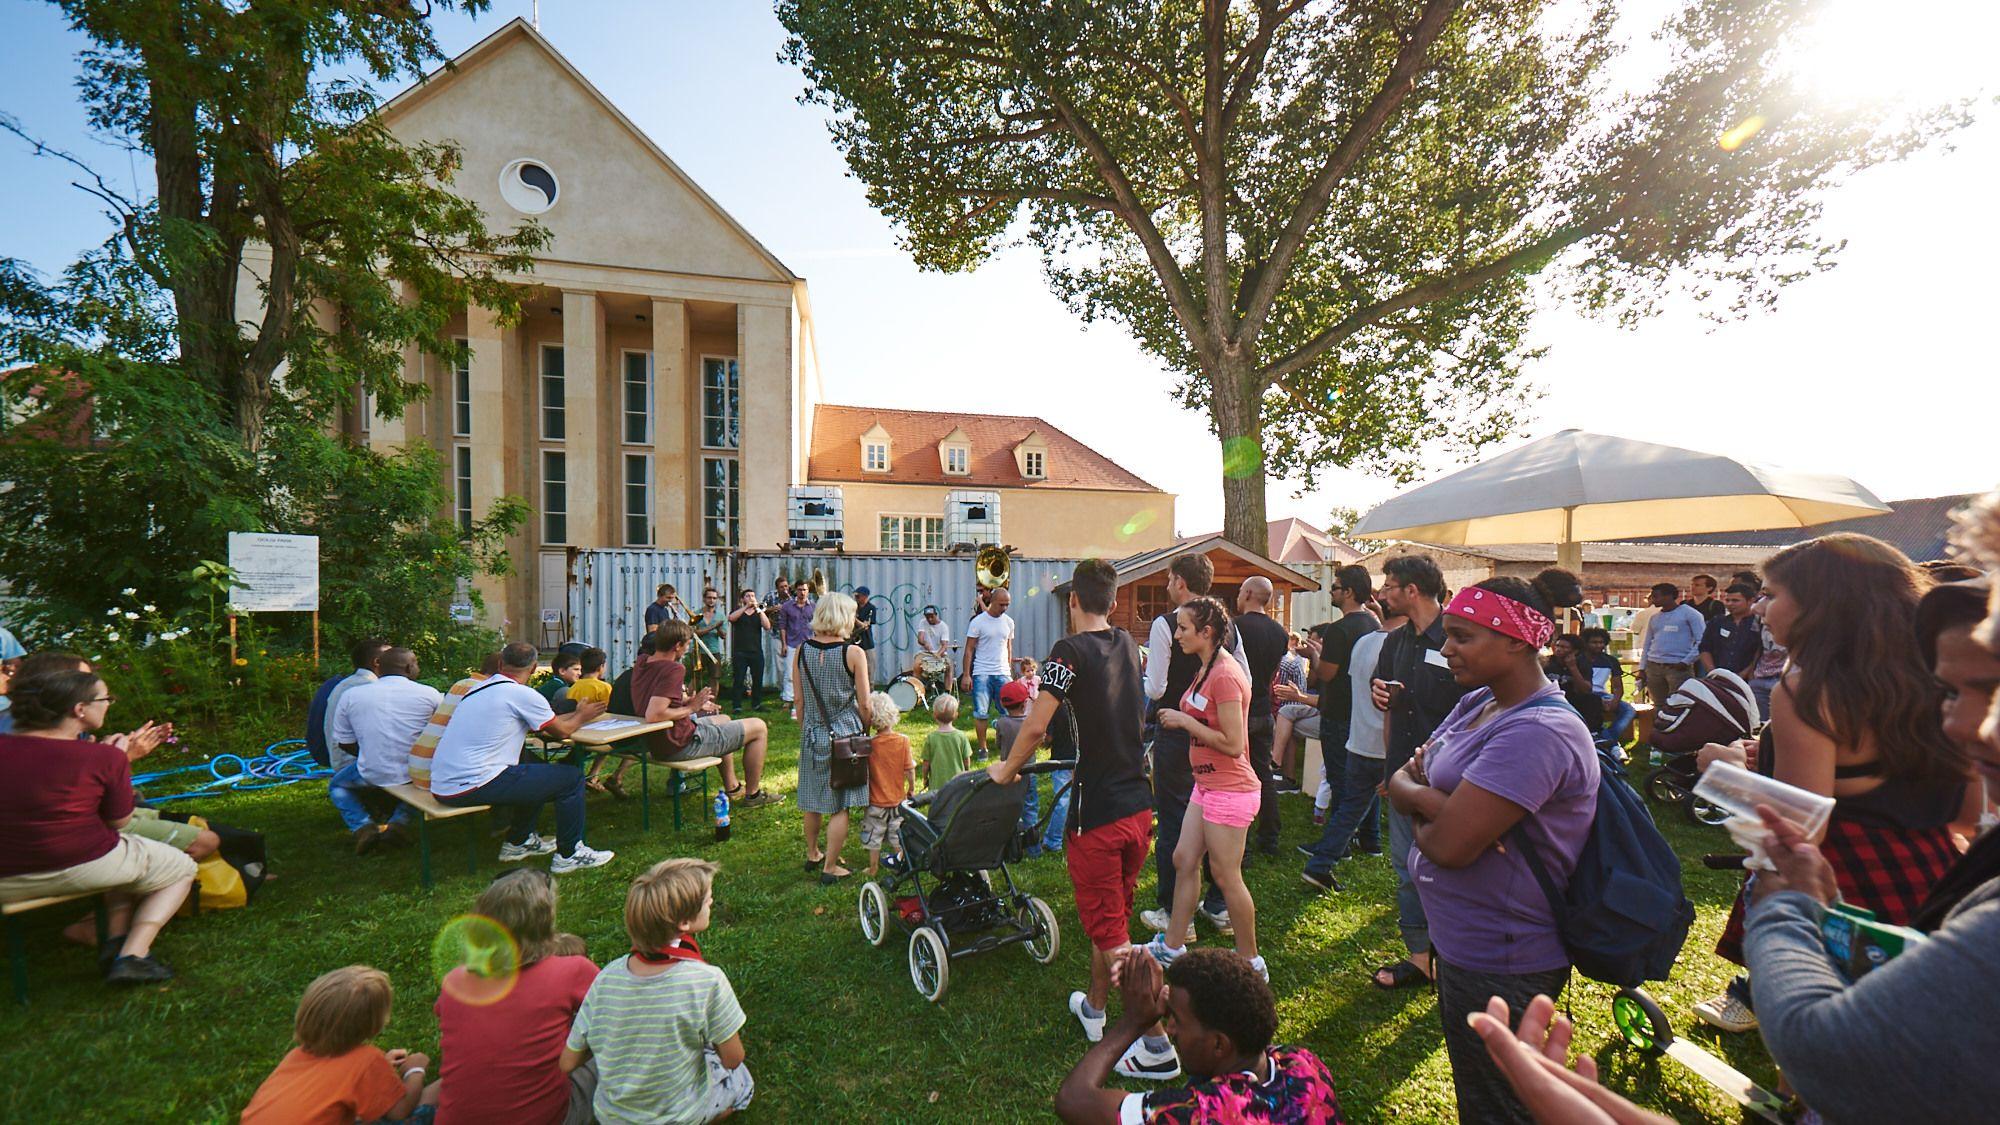 Regelmäßig finden im interkulturellen Garten Feste statt. Die Resonanz ist sehr gut. (Foto: Stephan Floss)